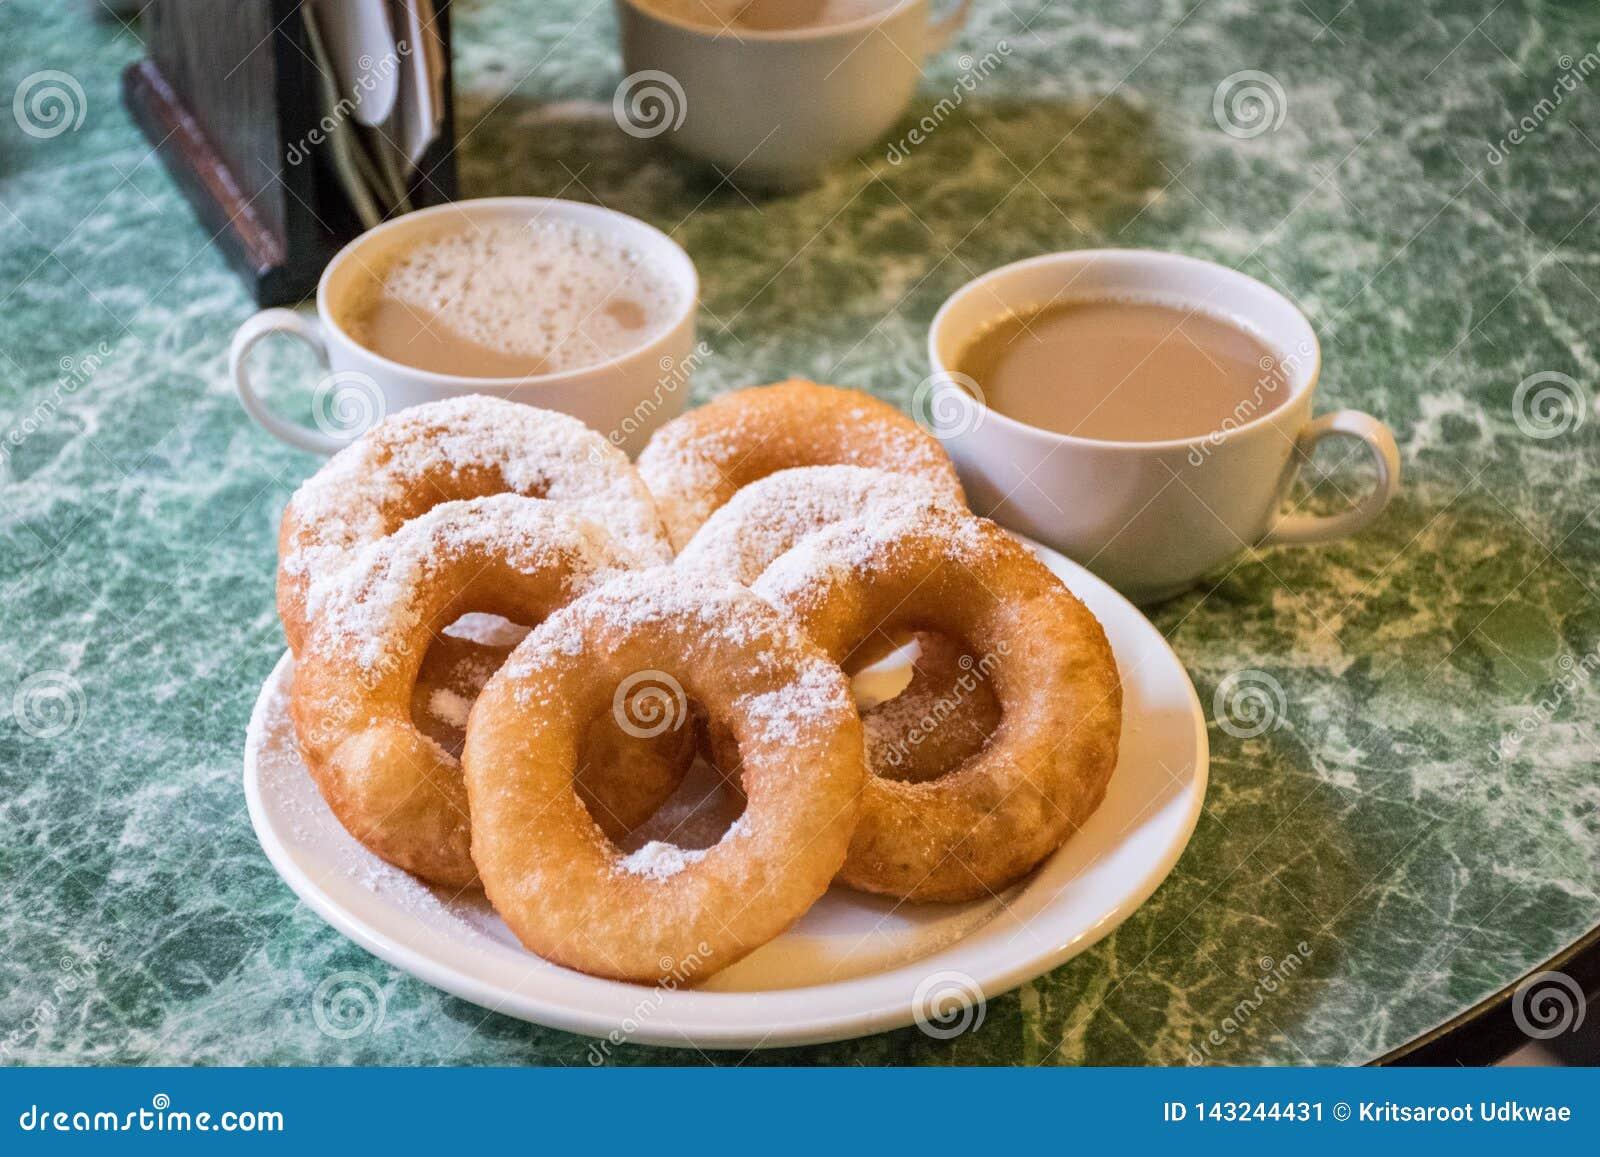 Ryss donuts tjänar som med isläggning och varma kaffekoppar